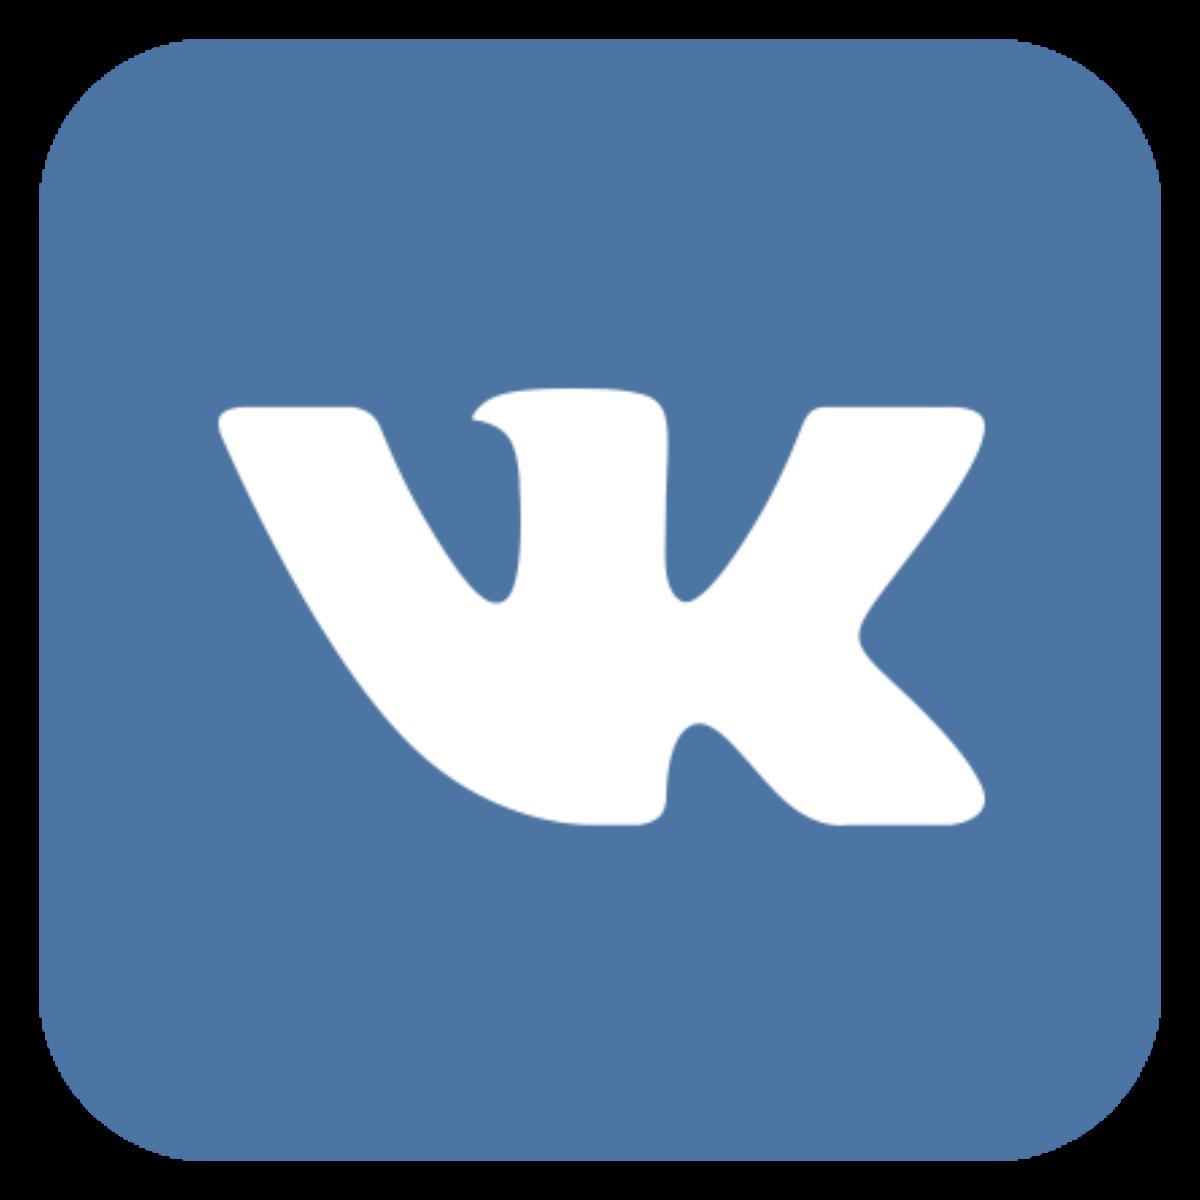 «Вконтакте» остается самым посещаемым сайтом вгосударстве Украина